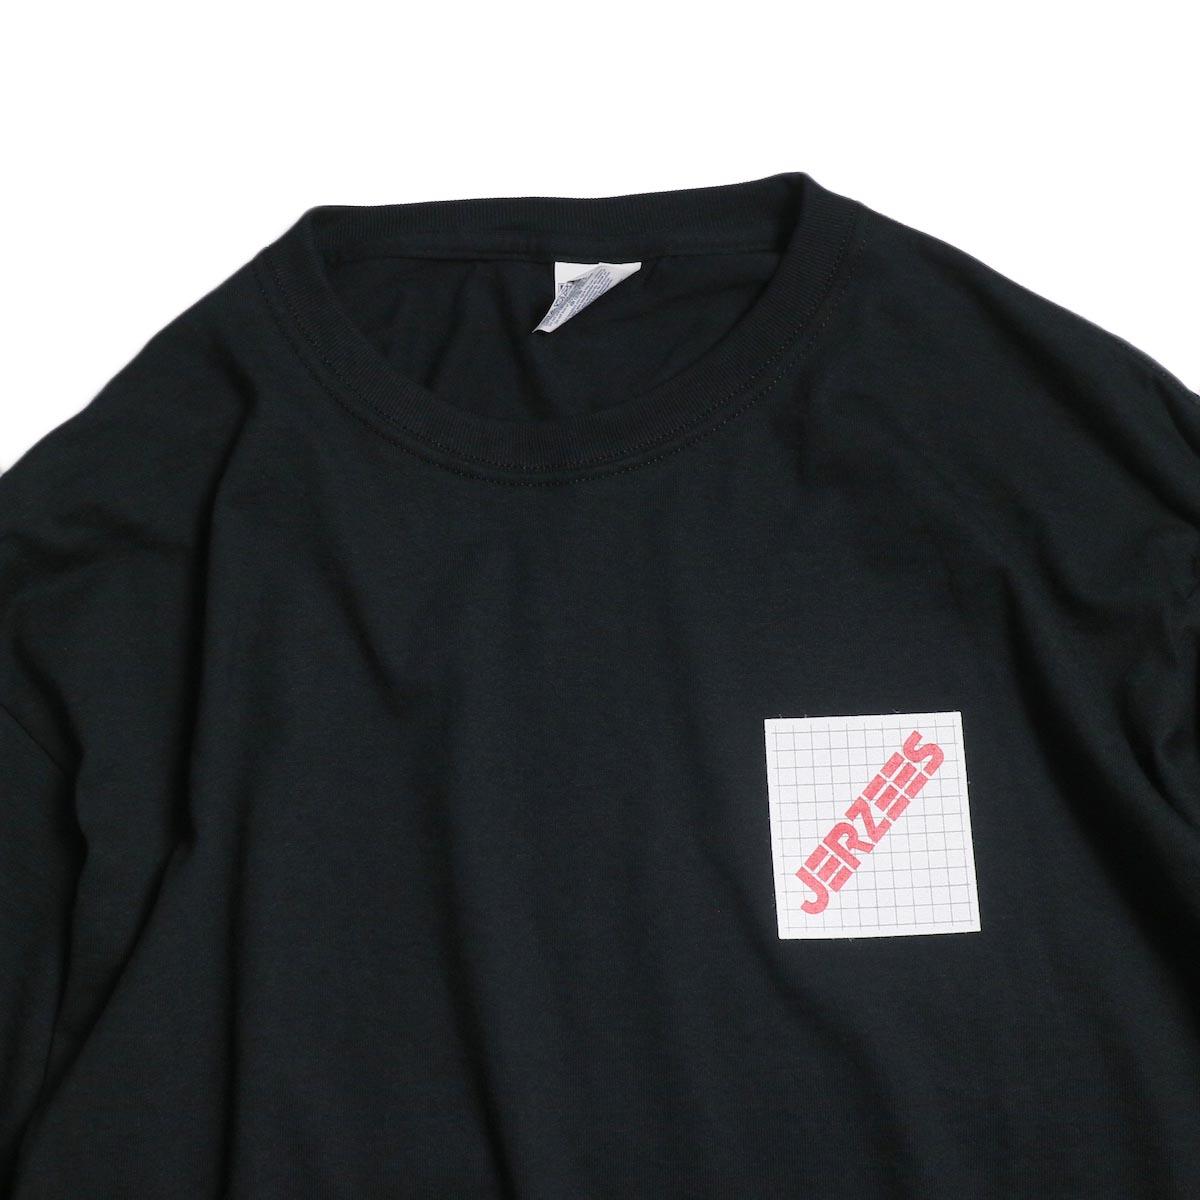 N.HOOLYWOOD × JERZEES  / 191-CS43-070 Long Sleeve Tee -Black 襟